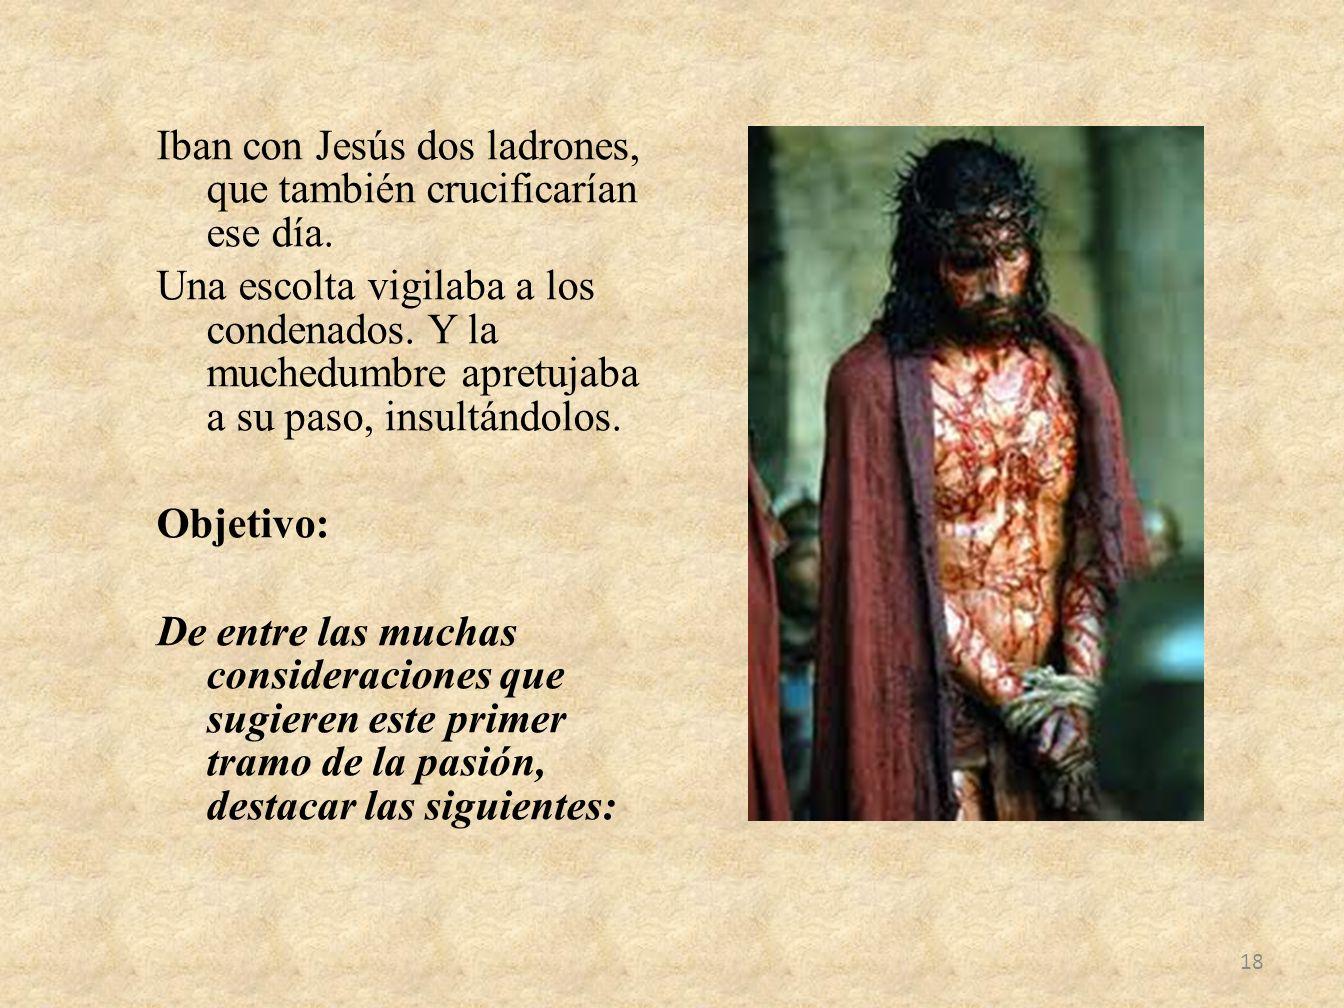 Iban con Jesús dos ladrones, que también crucificarían ese día